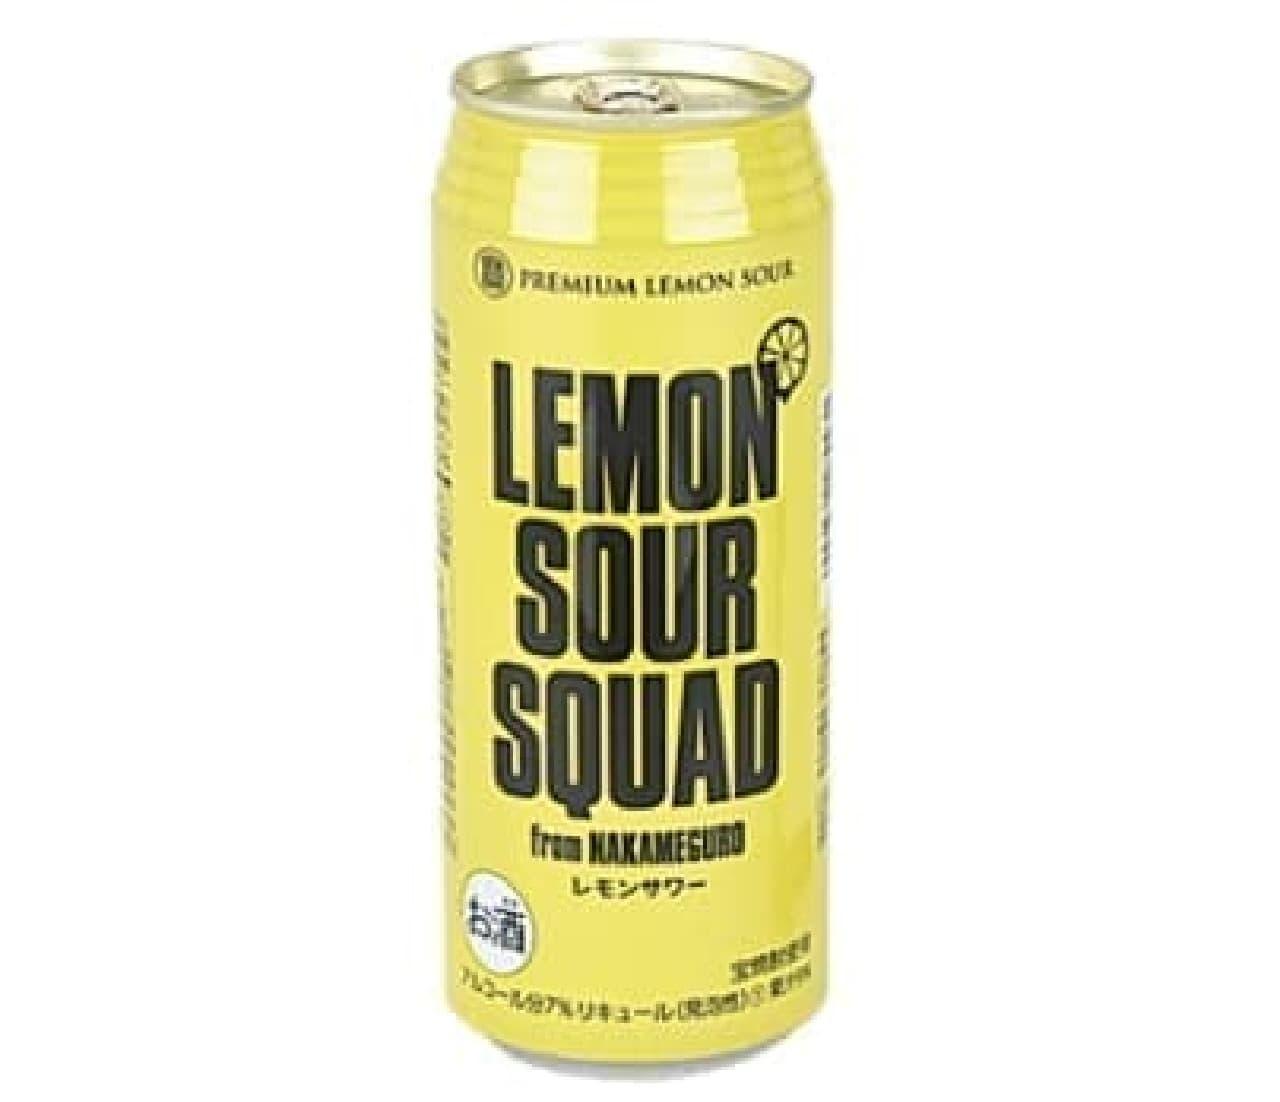 レモンサワースクワッド 500ml